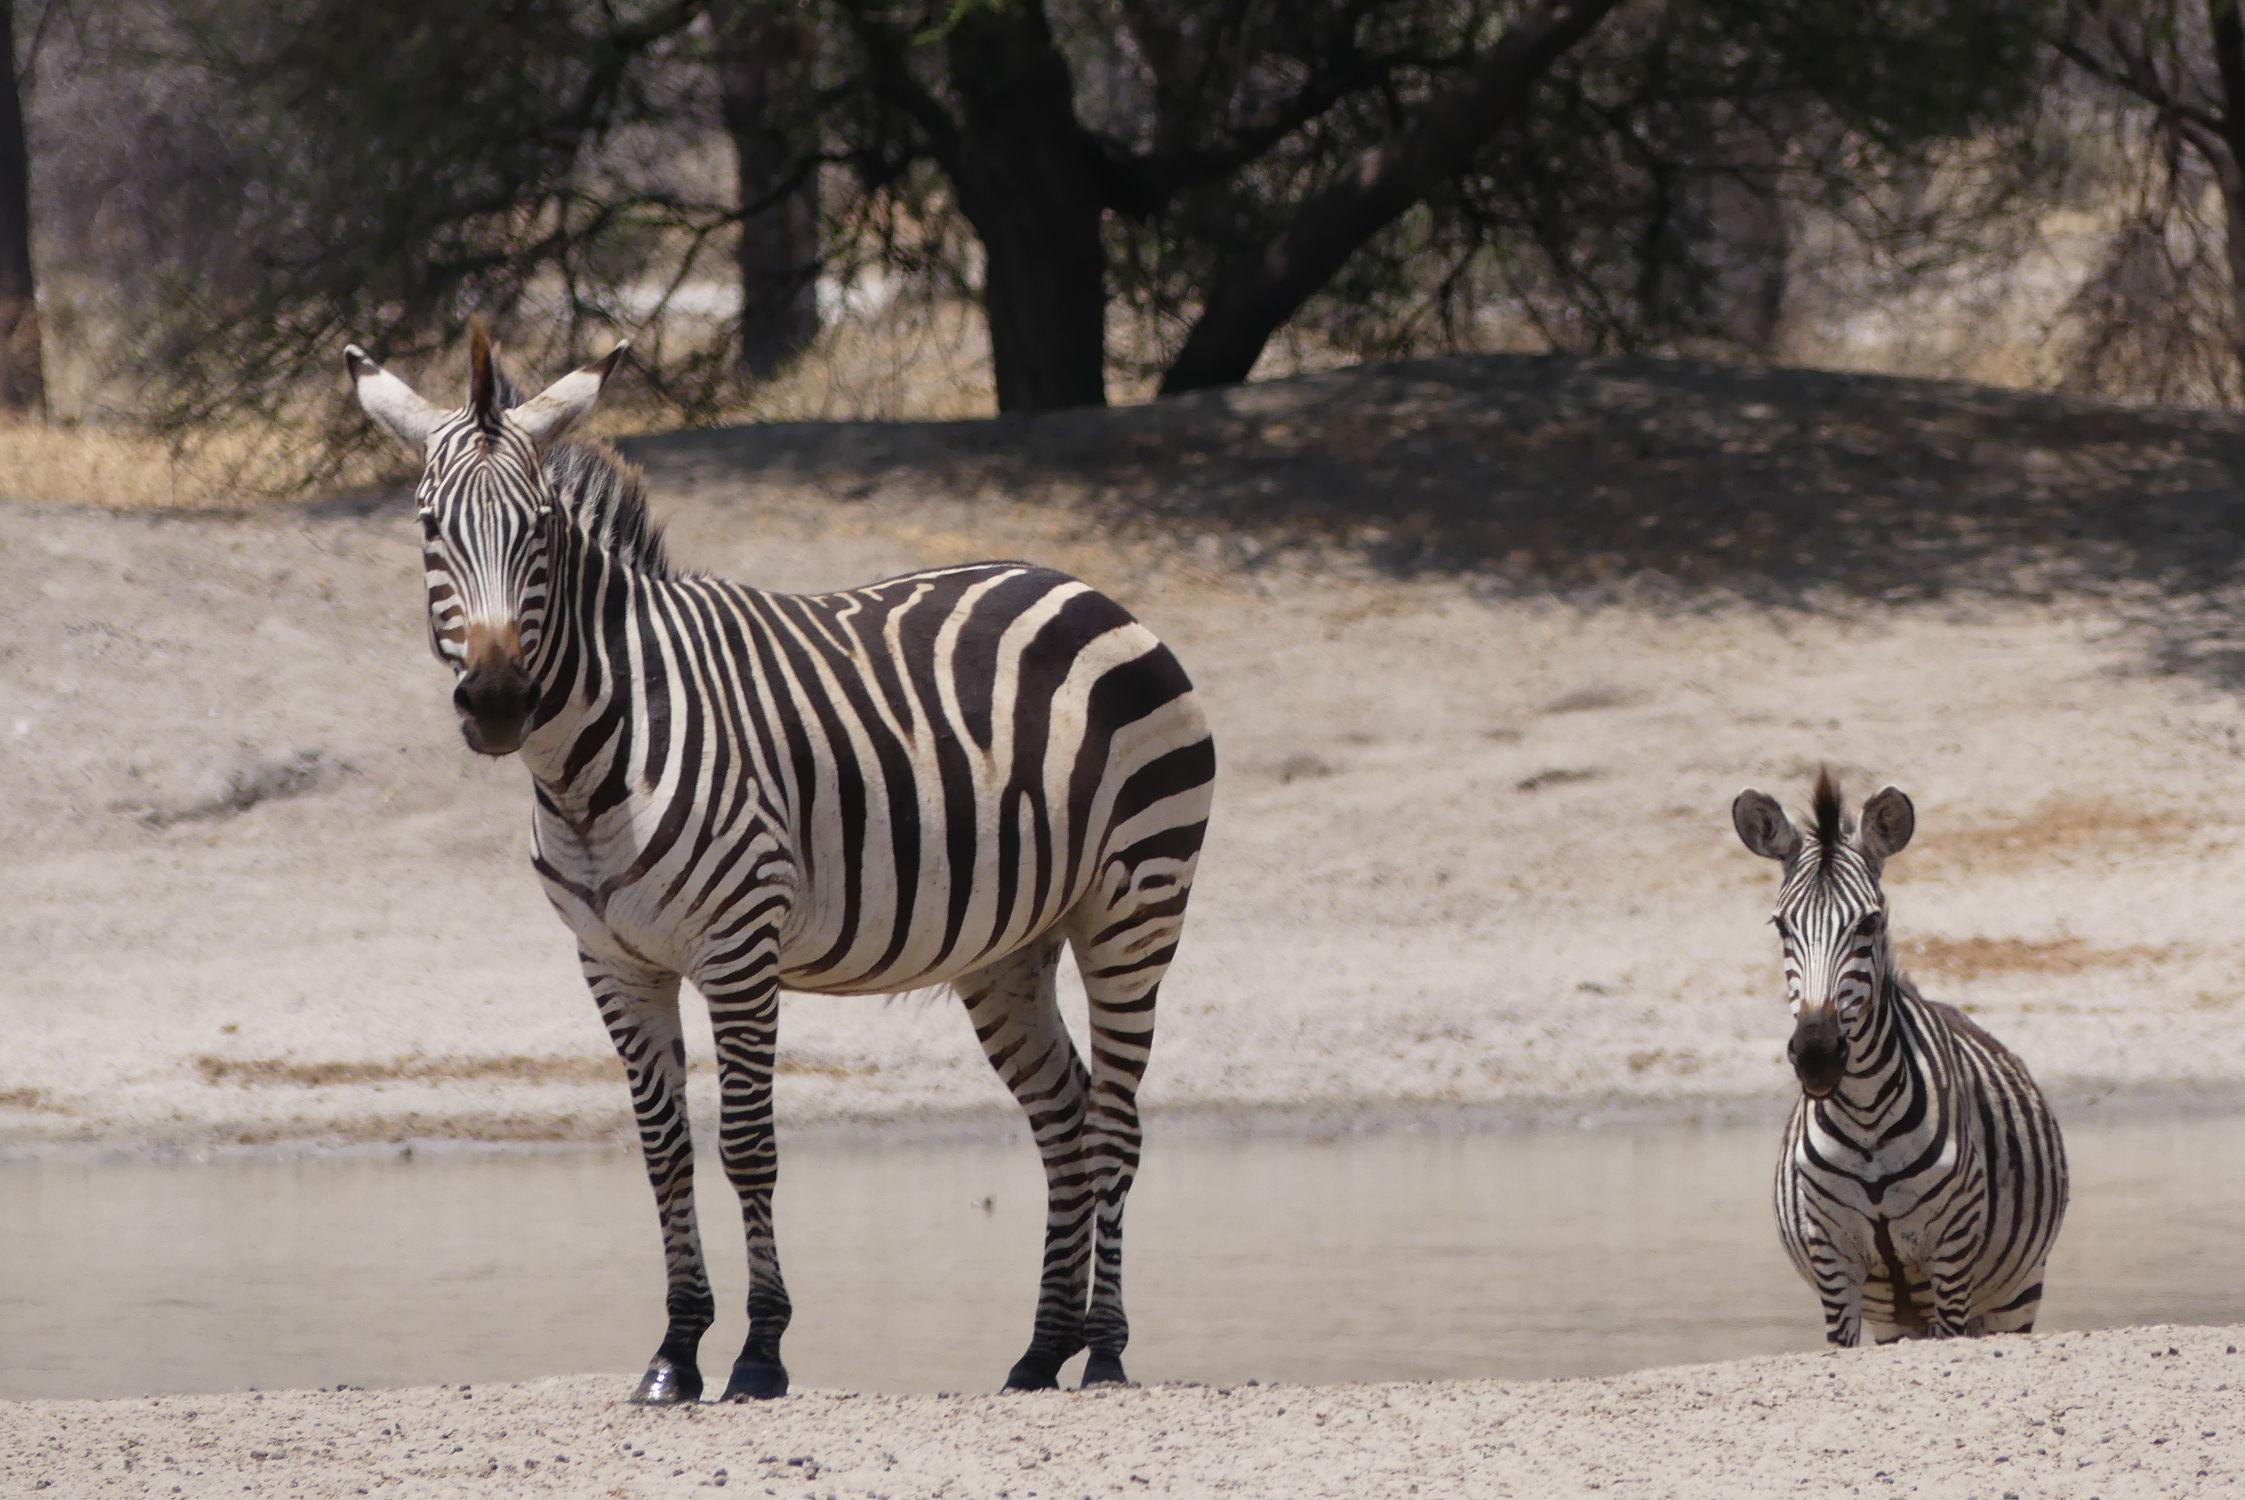 Bild mit Tiere, Säugetiere, Natur, Pferde, schwarz & weiss, Afrika, Zebras, Nationalpark, safari